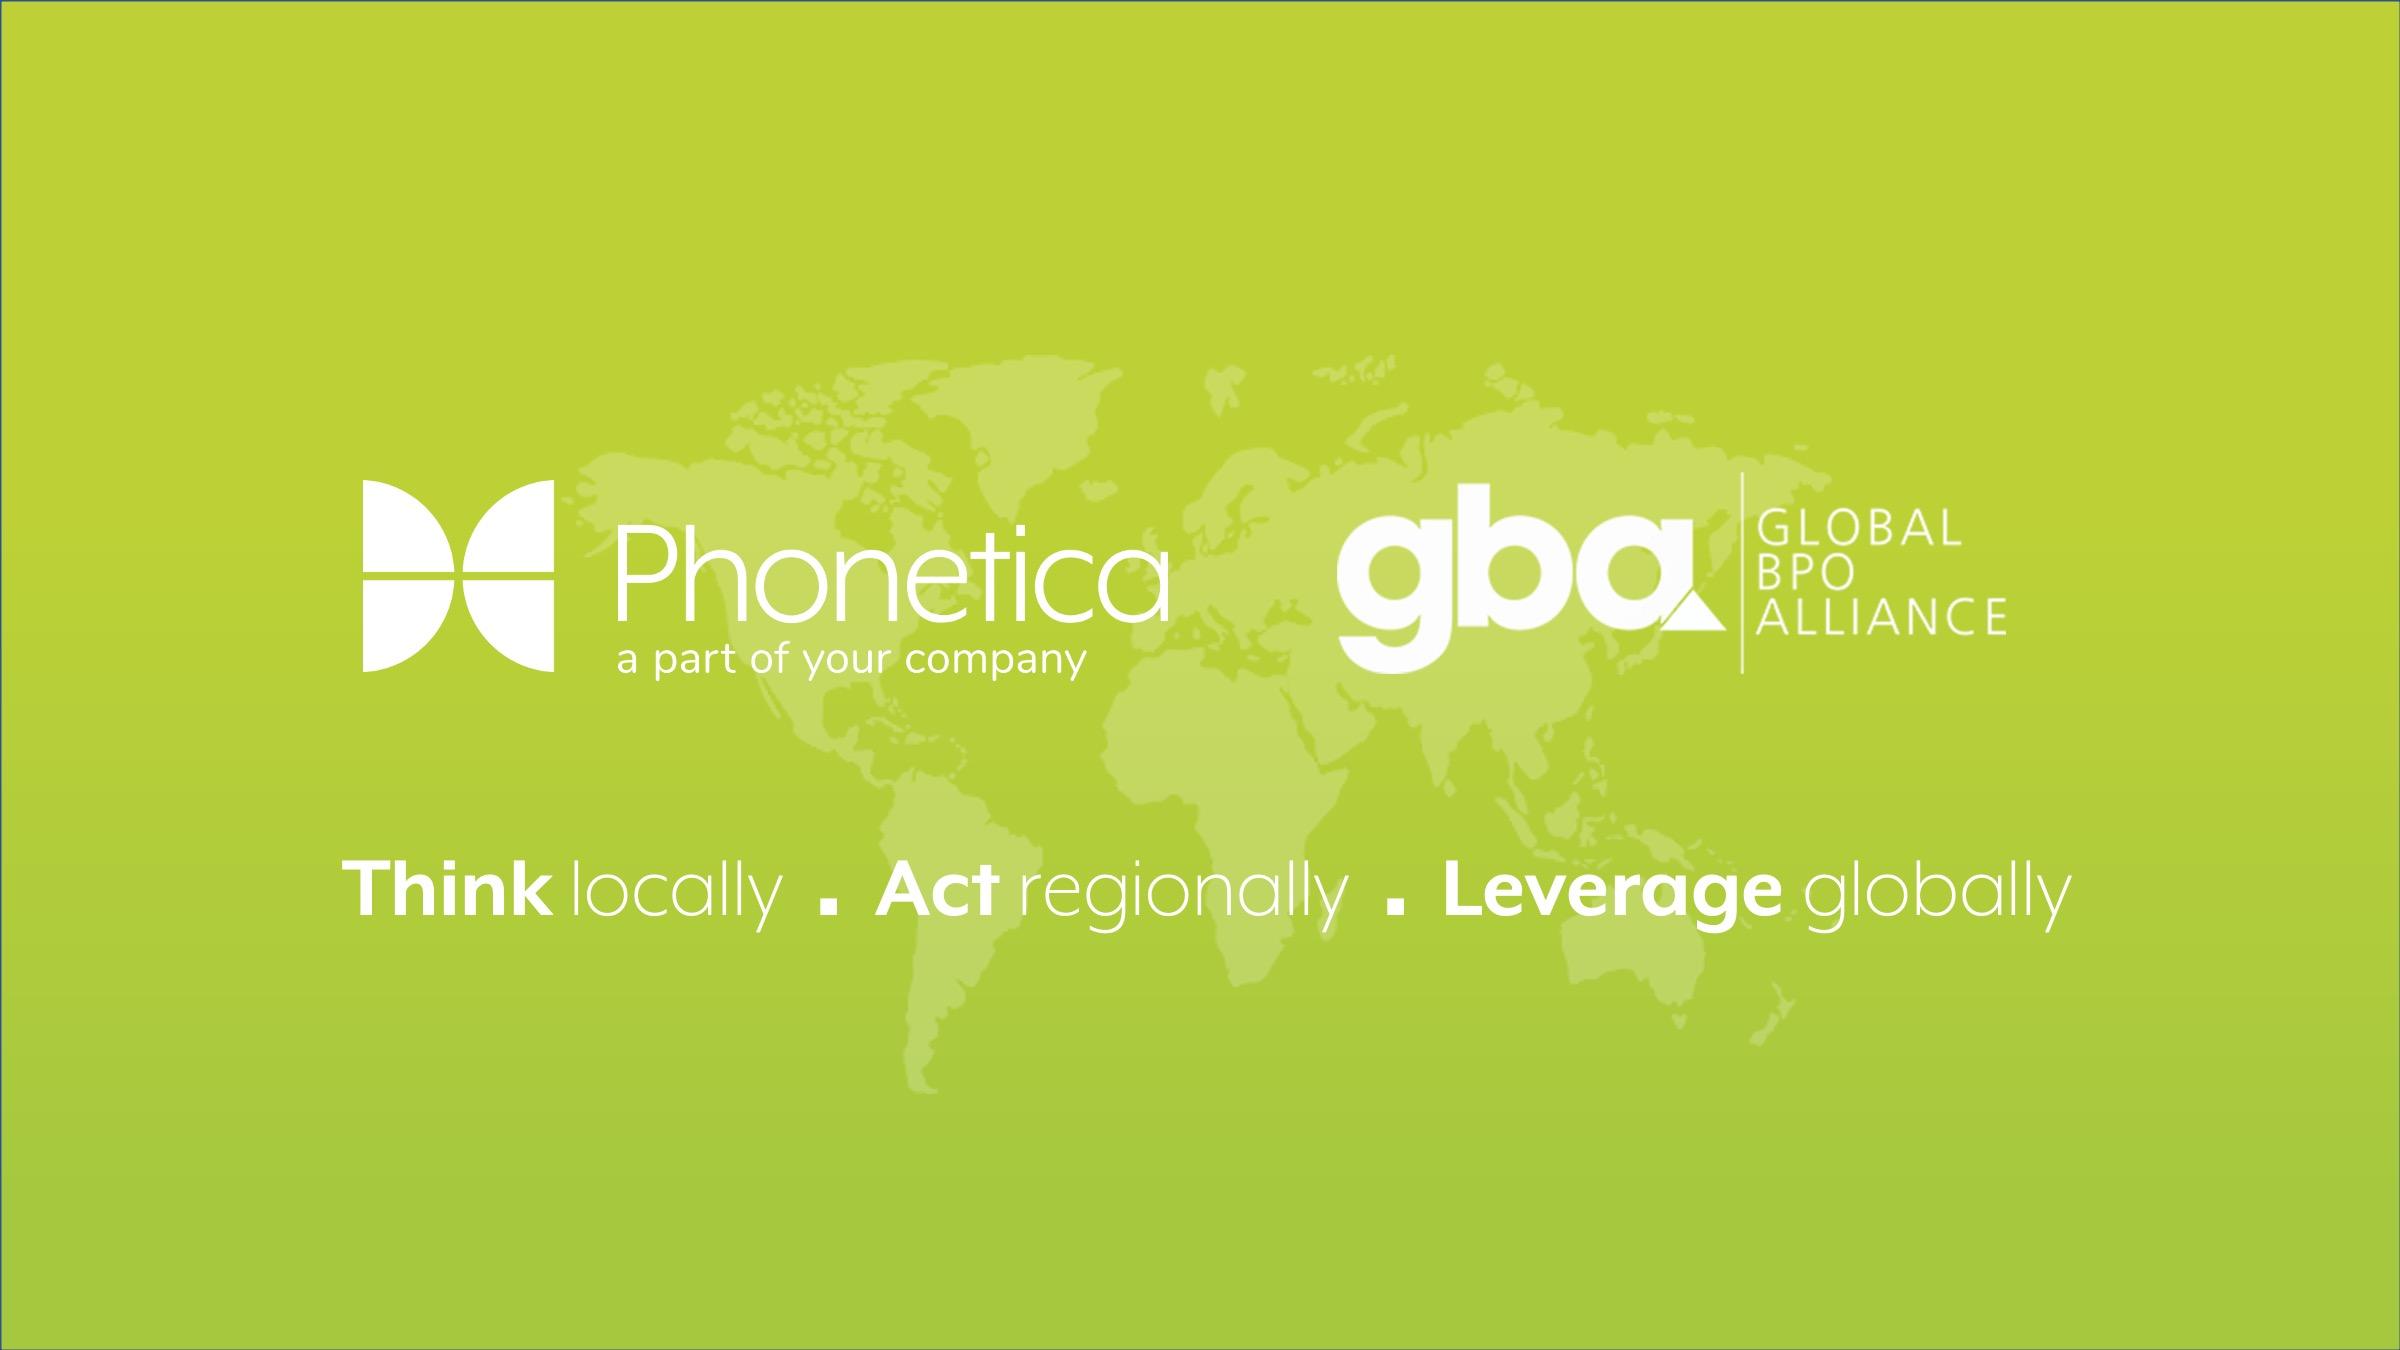 Phonetica e Global BPO Alliance: le relazioni diventano internazionali